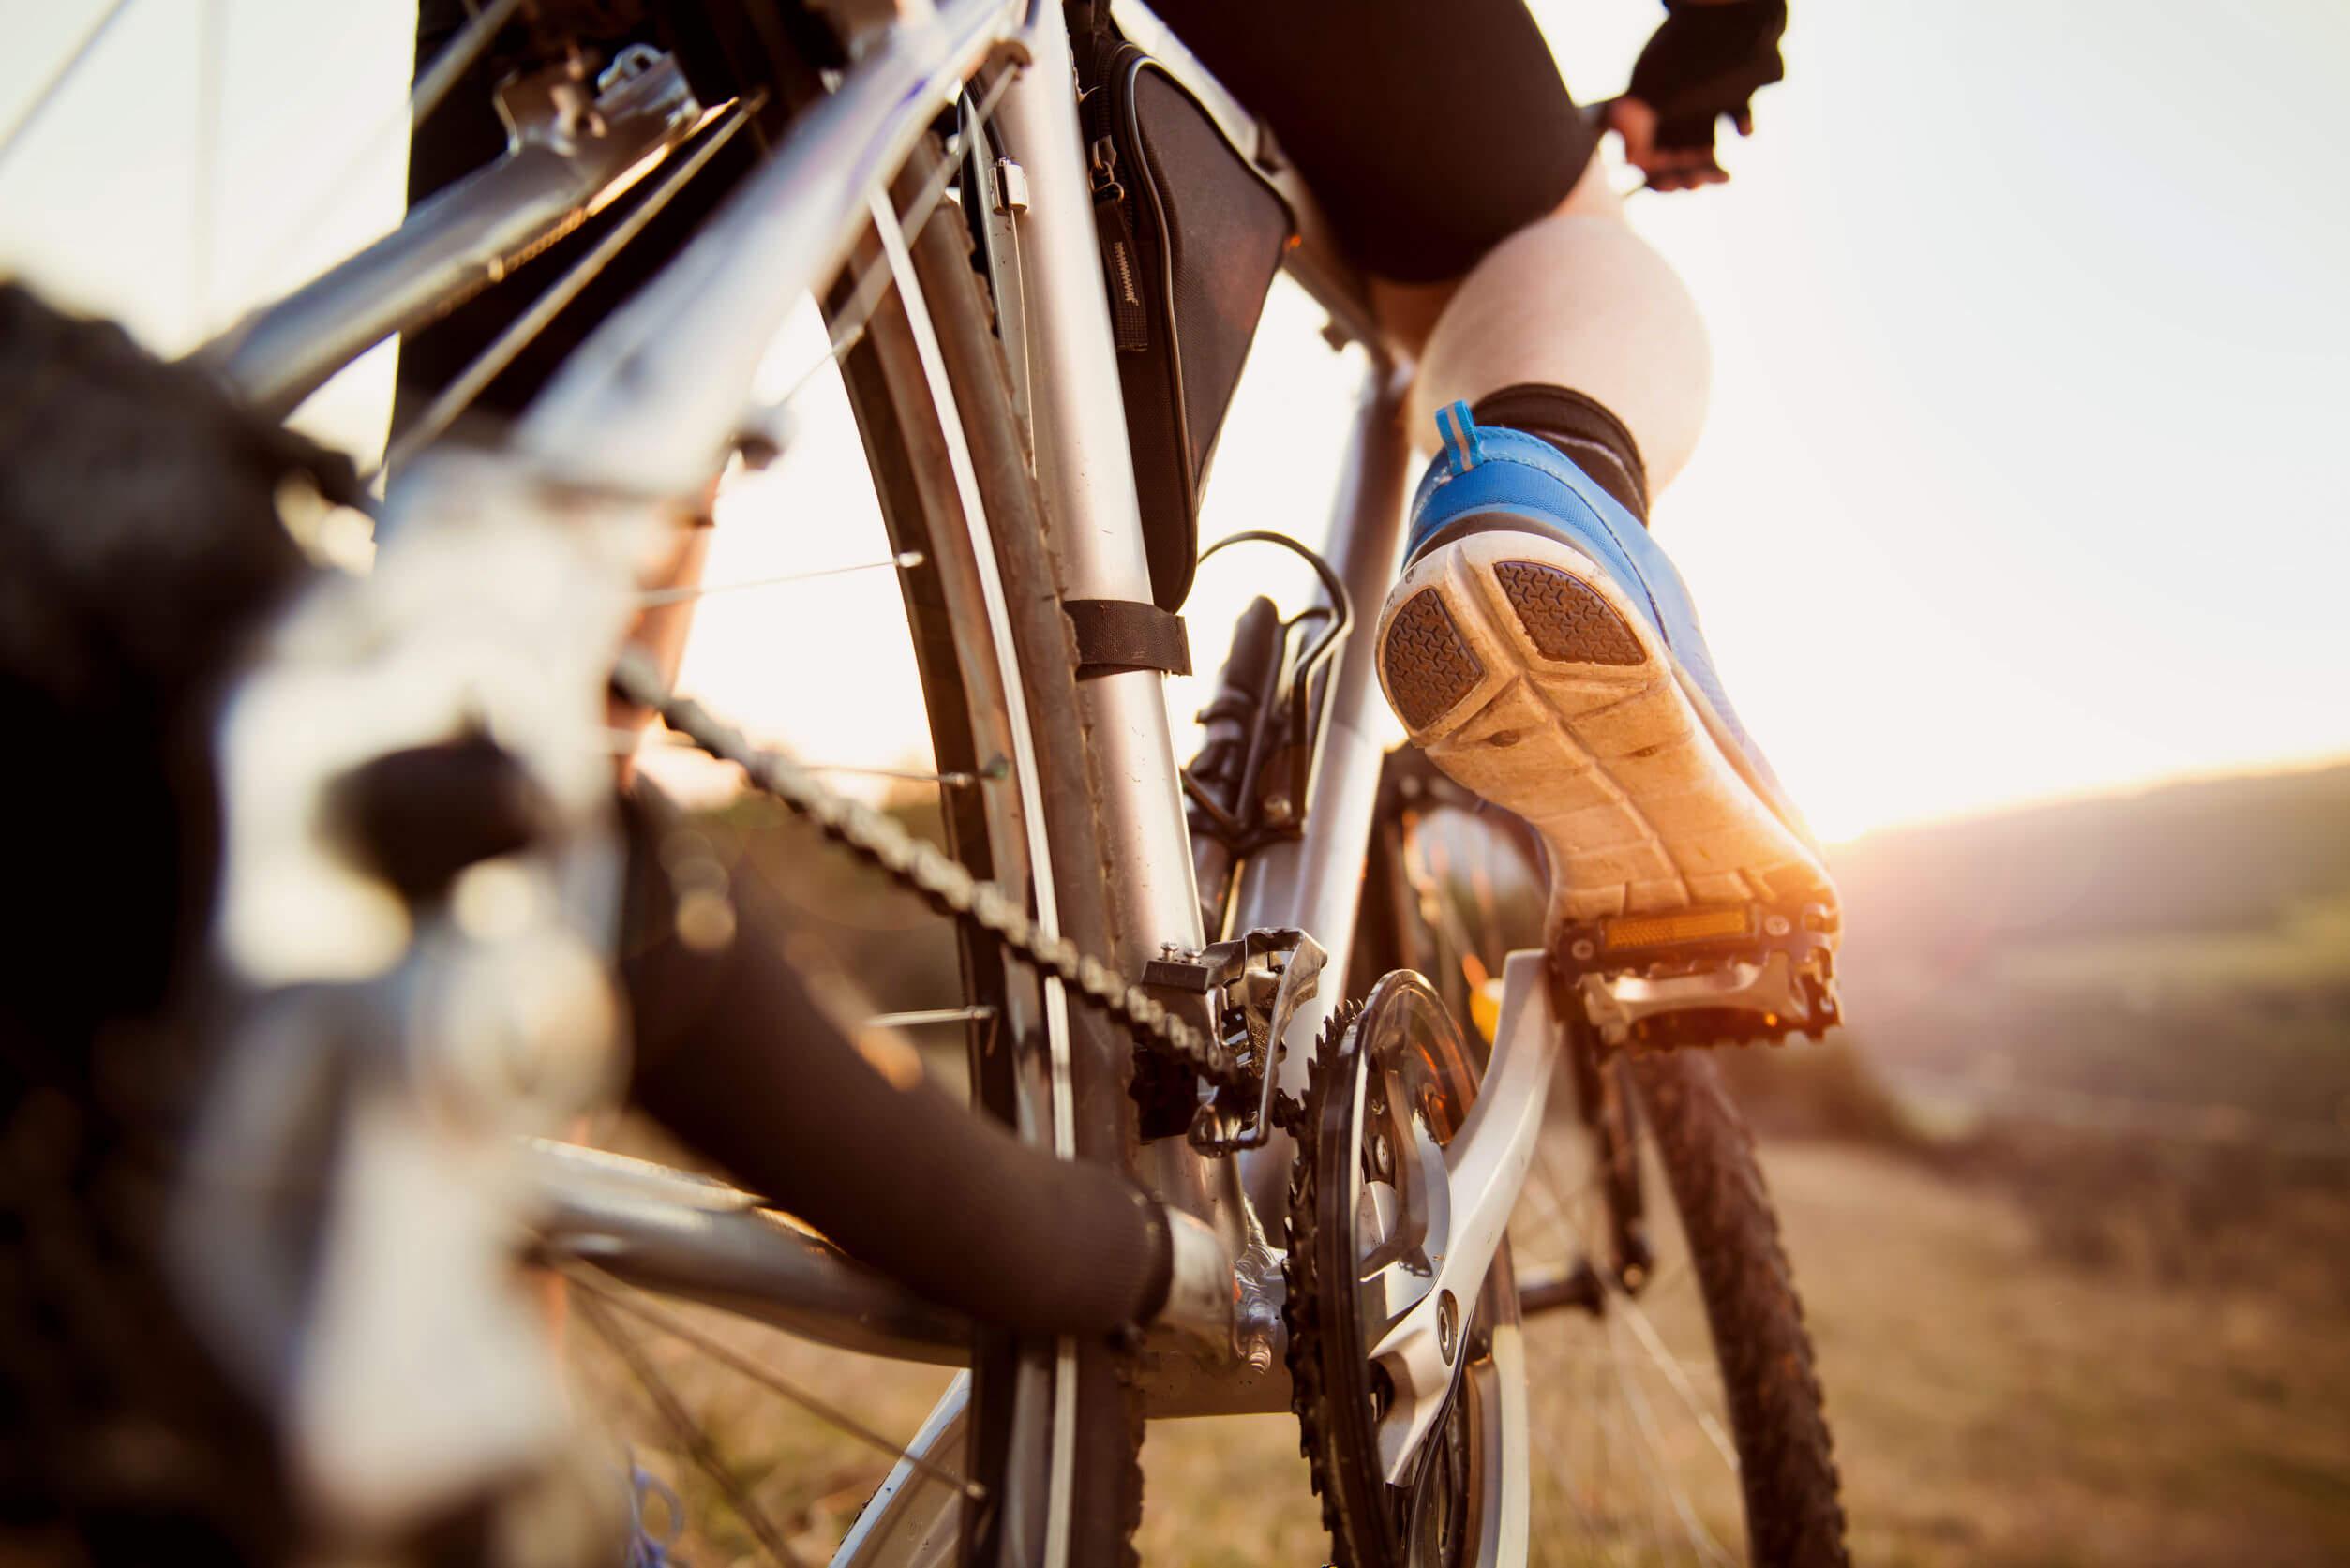 Los pasatiempos creativos incluyen manejar bicicleta.